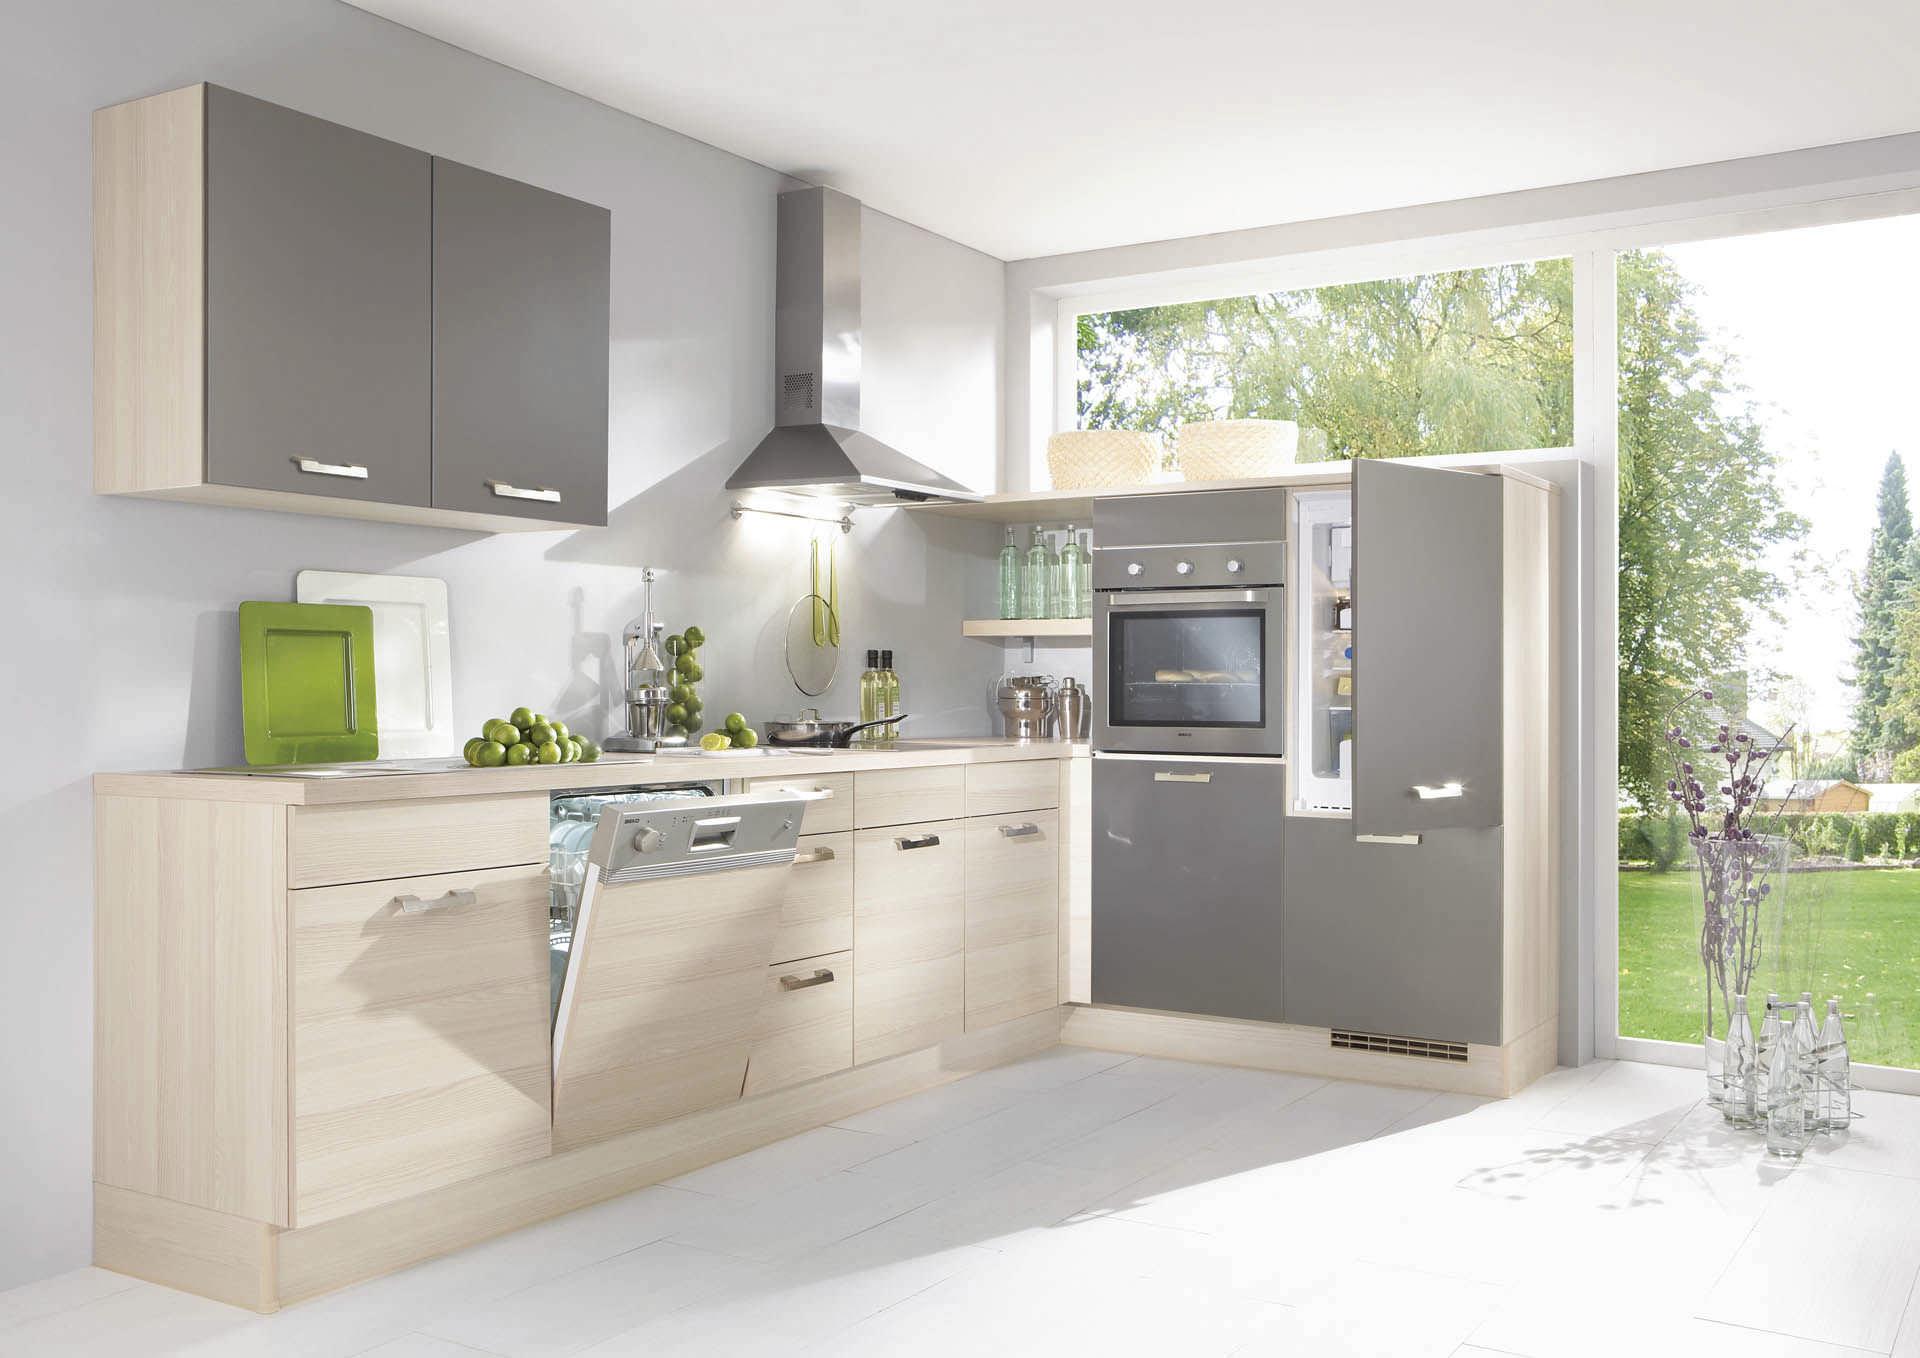 Bezaubernd Nobilia Küche Ohne Geräte Foto Von Moderne Küche / Holzfurnier / Mit Griffen